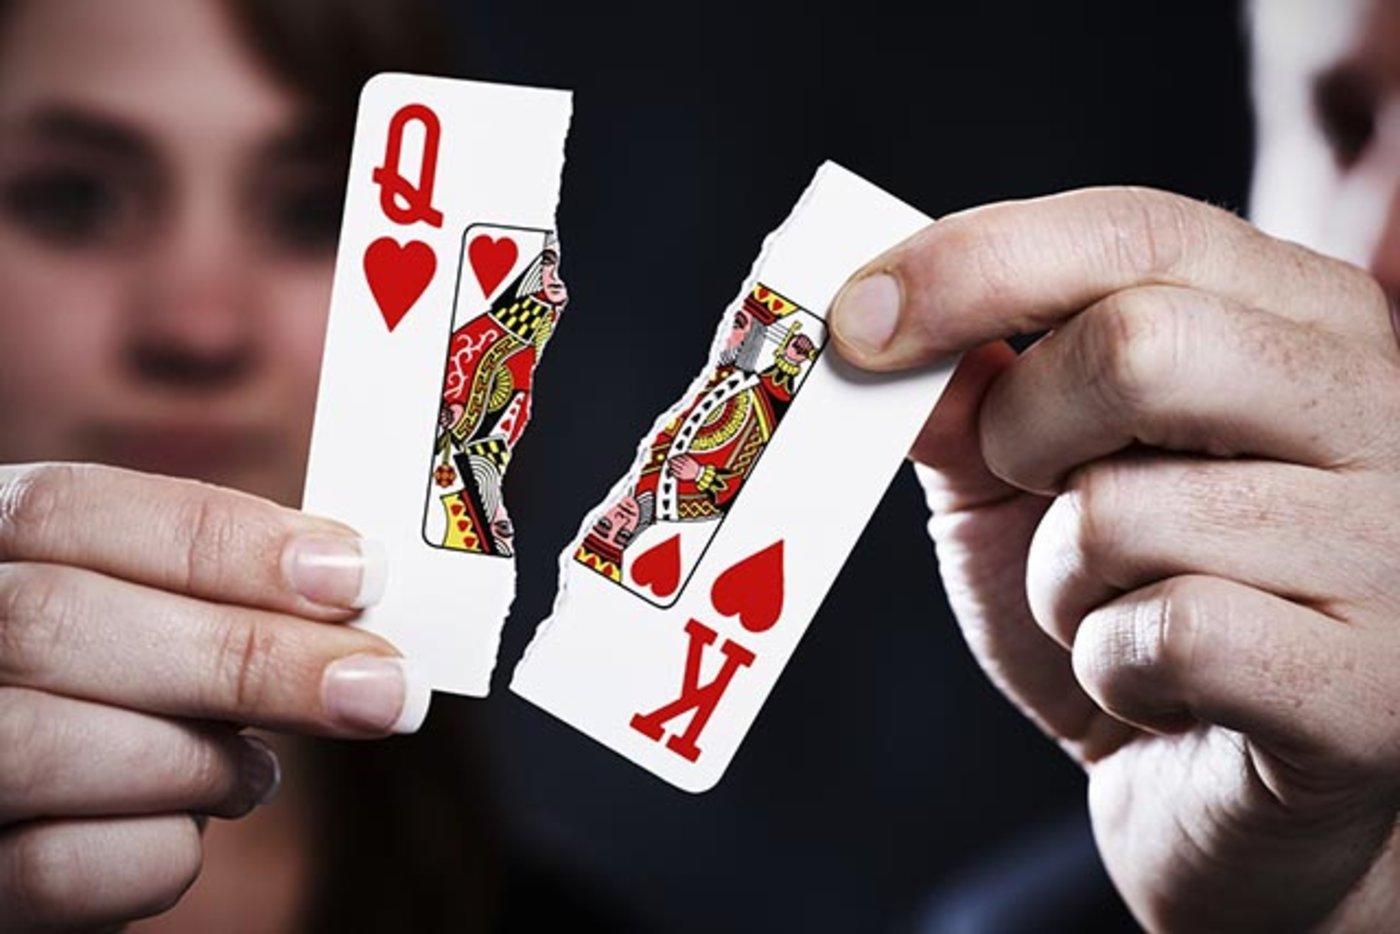 破裂 赌局 纠纷